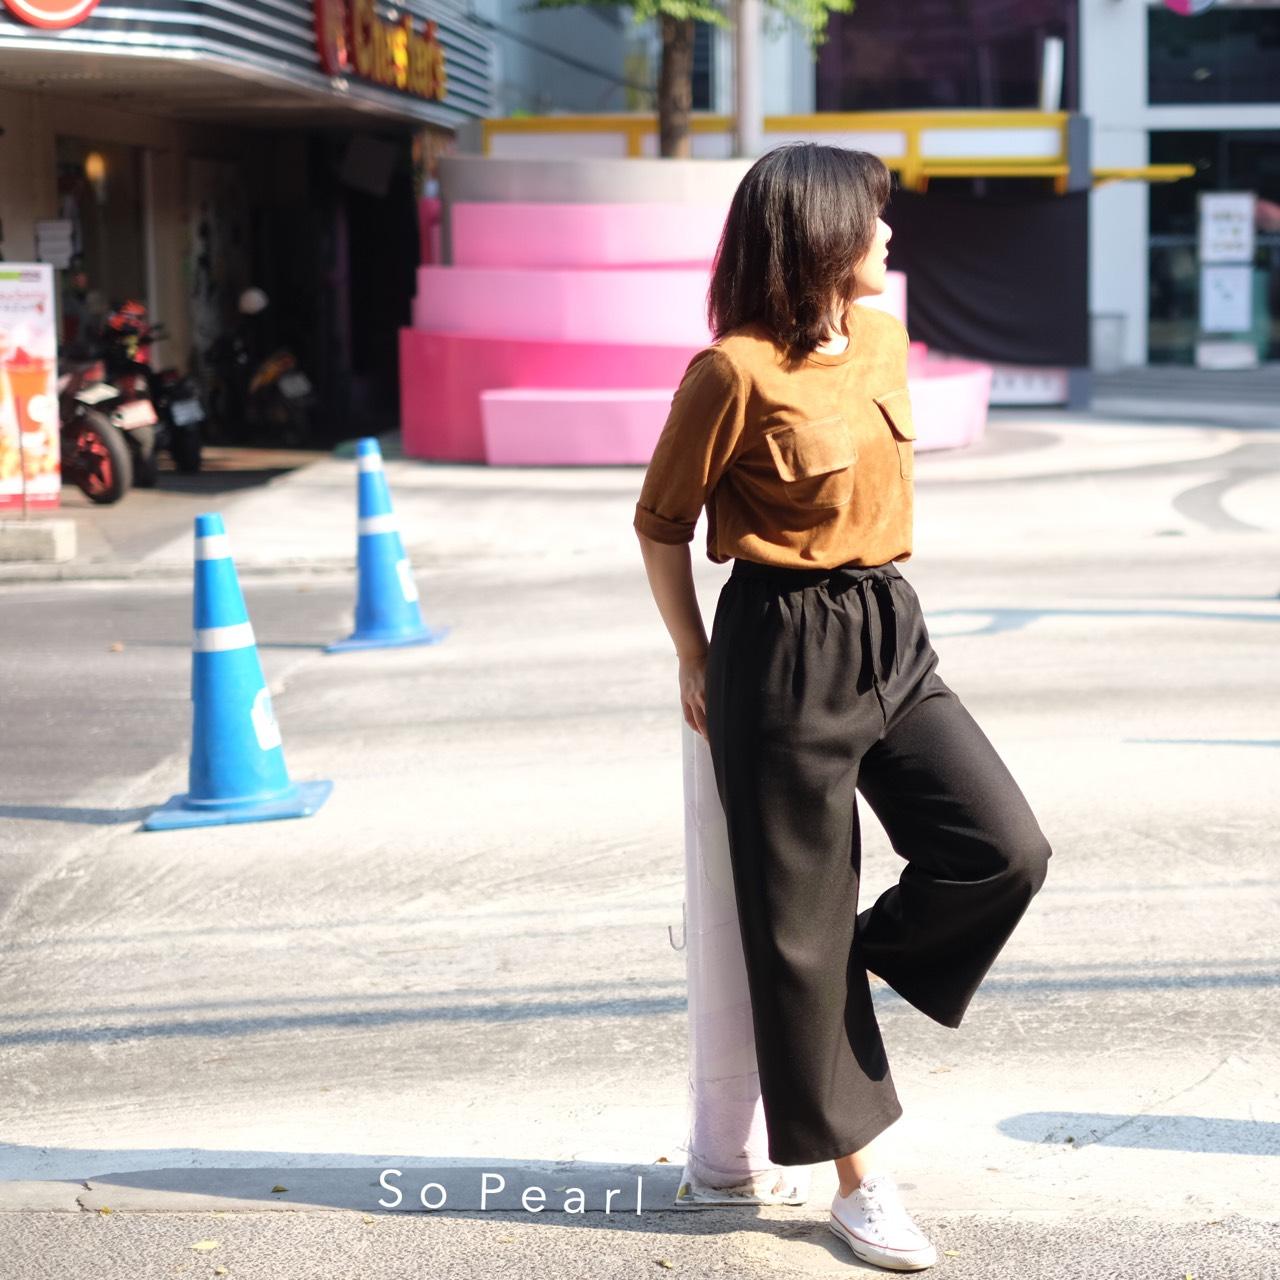 SoPearlCloset,women,ผู้หญิง,เสื้อผ้าผู้หญิง,กางเกง,กางเกงผู้หญิง,กางเกงขายาว,กางเกงห้าส่วน,กางเกงสีดำ